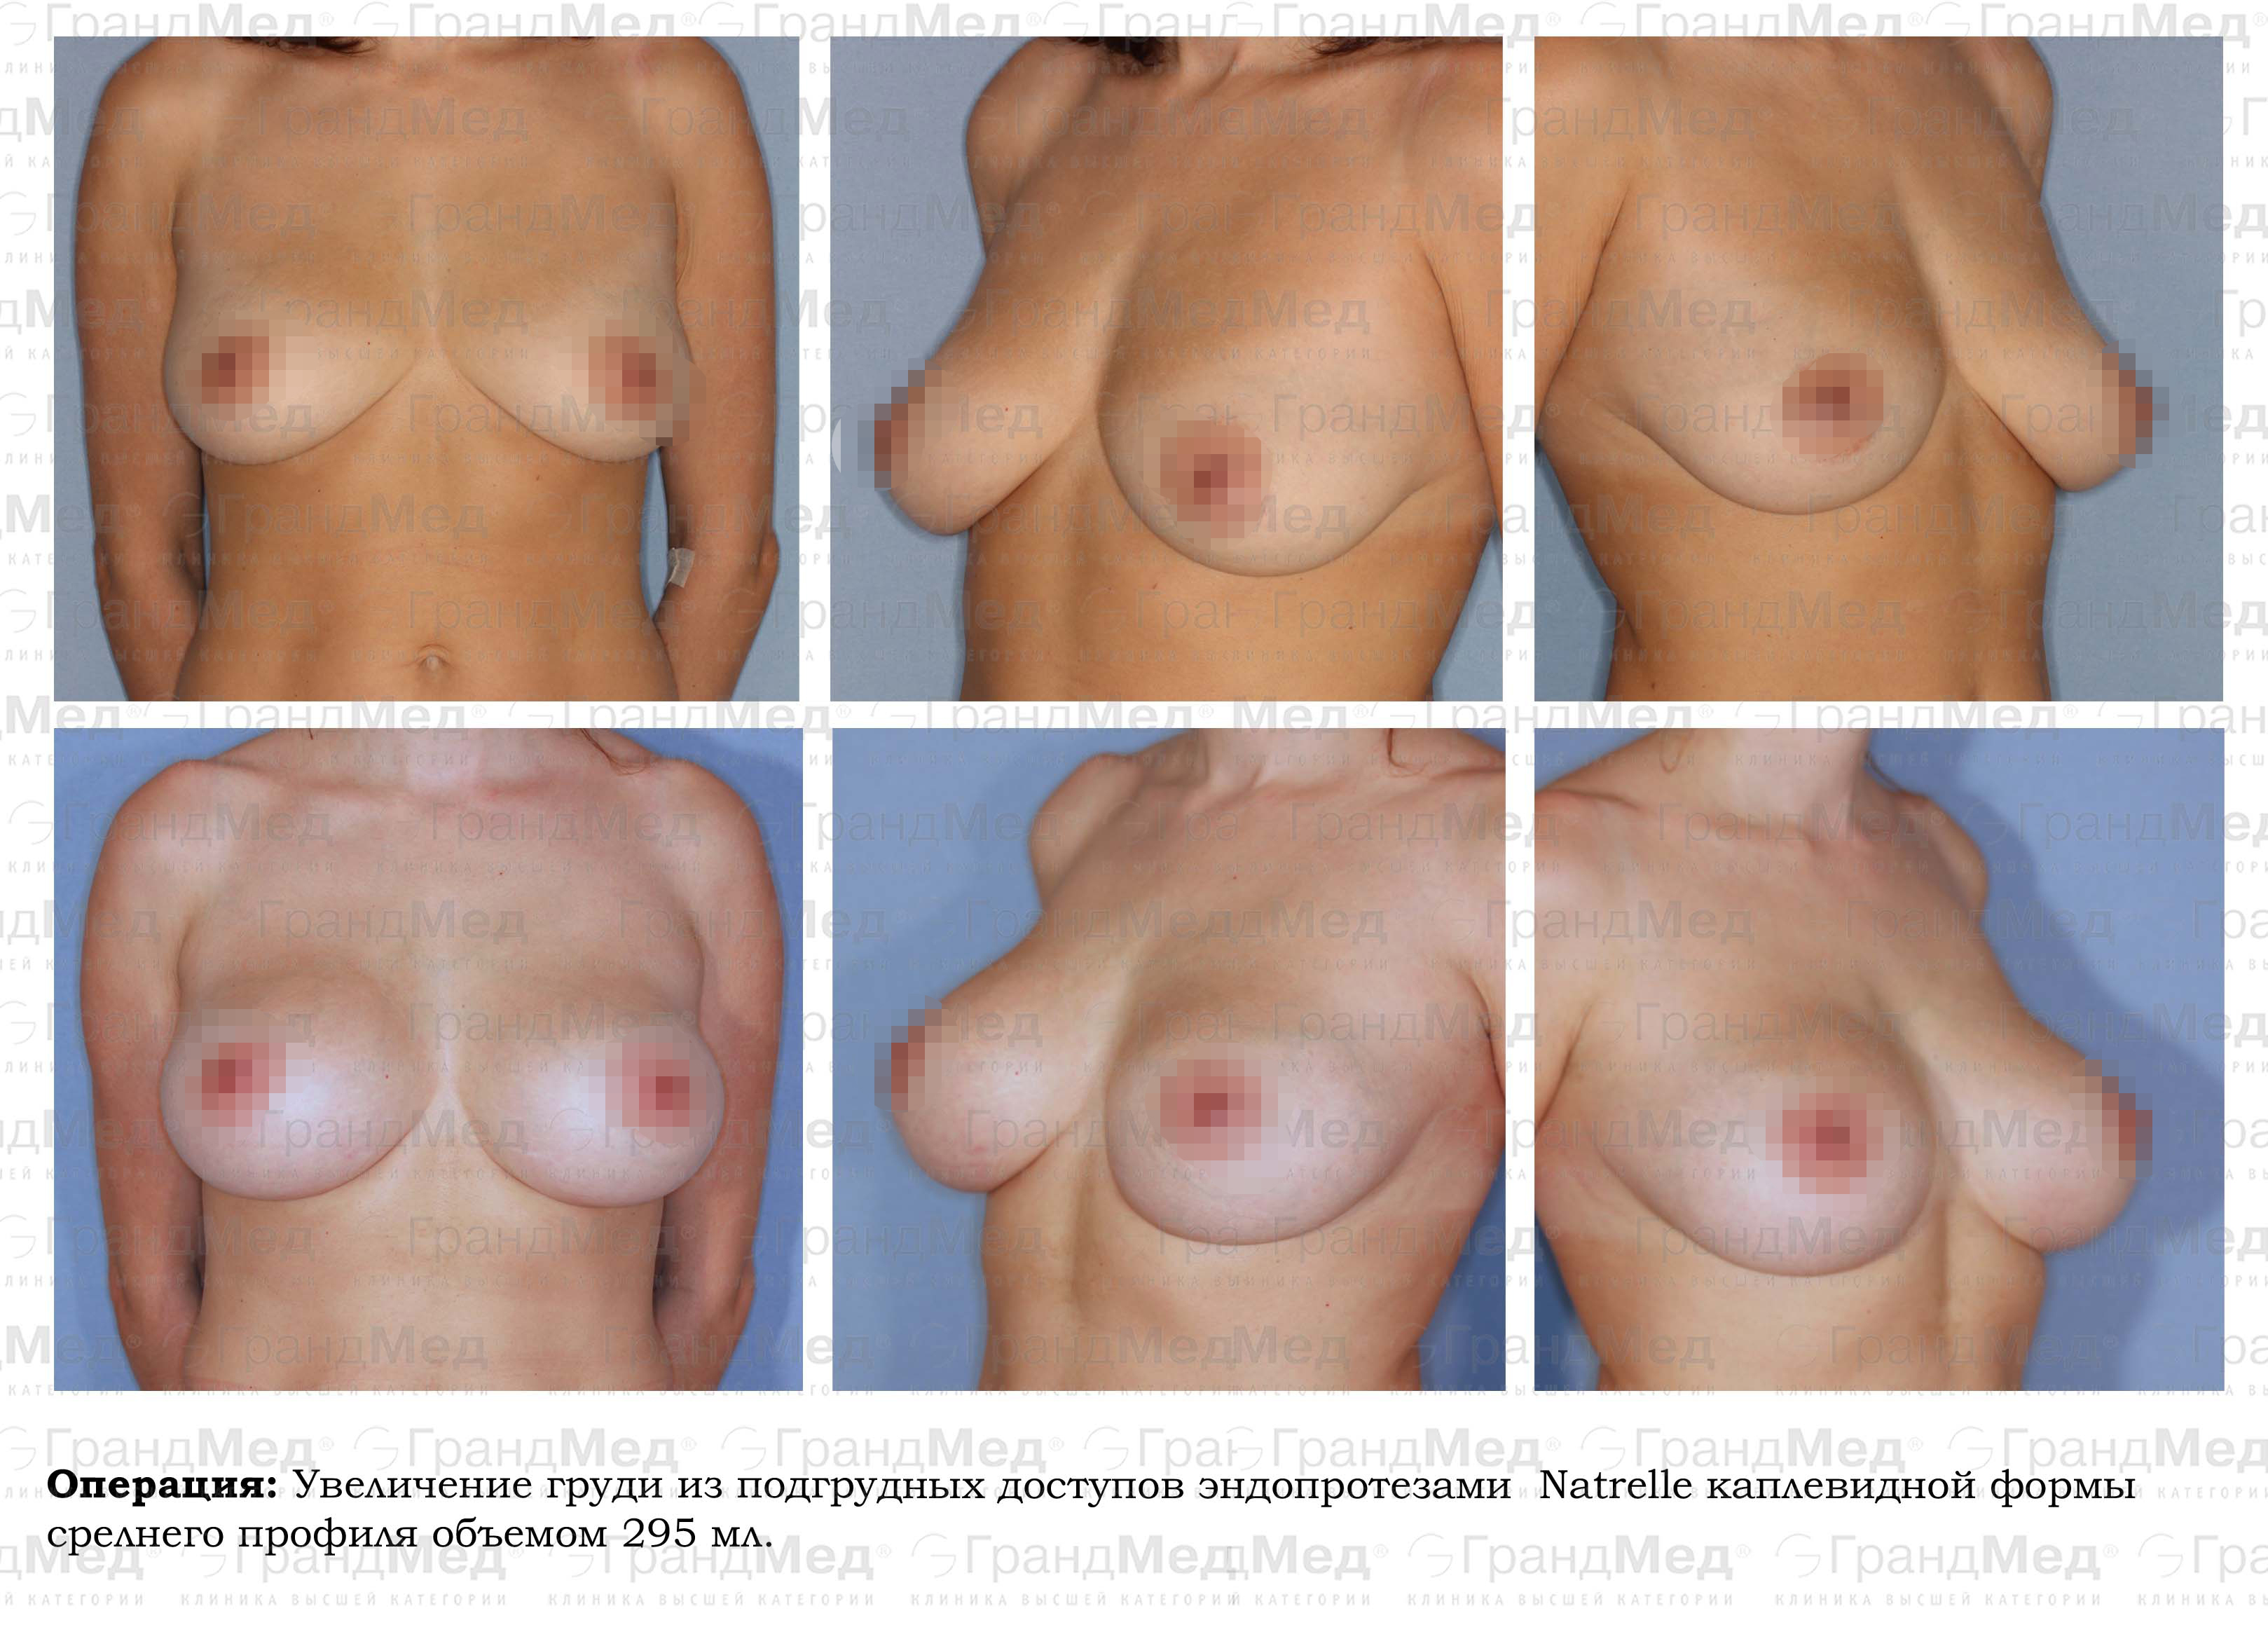 Увеличение груди без хирургии 31 фотография